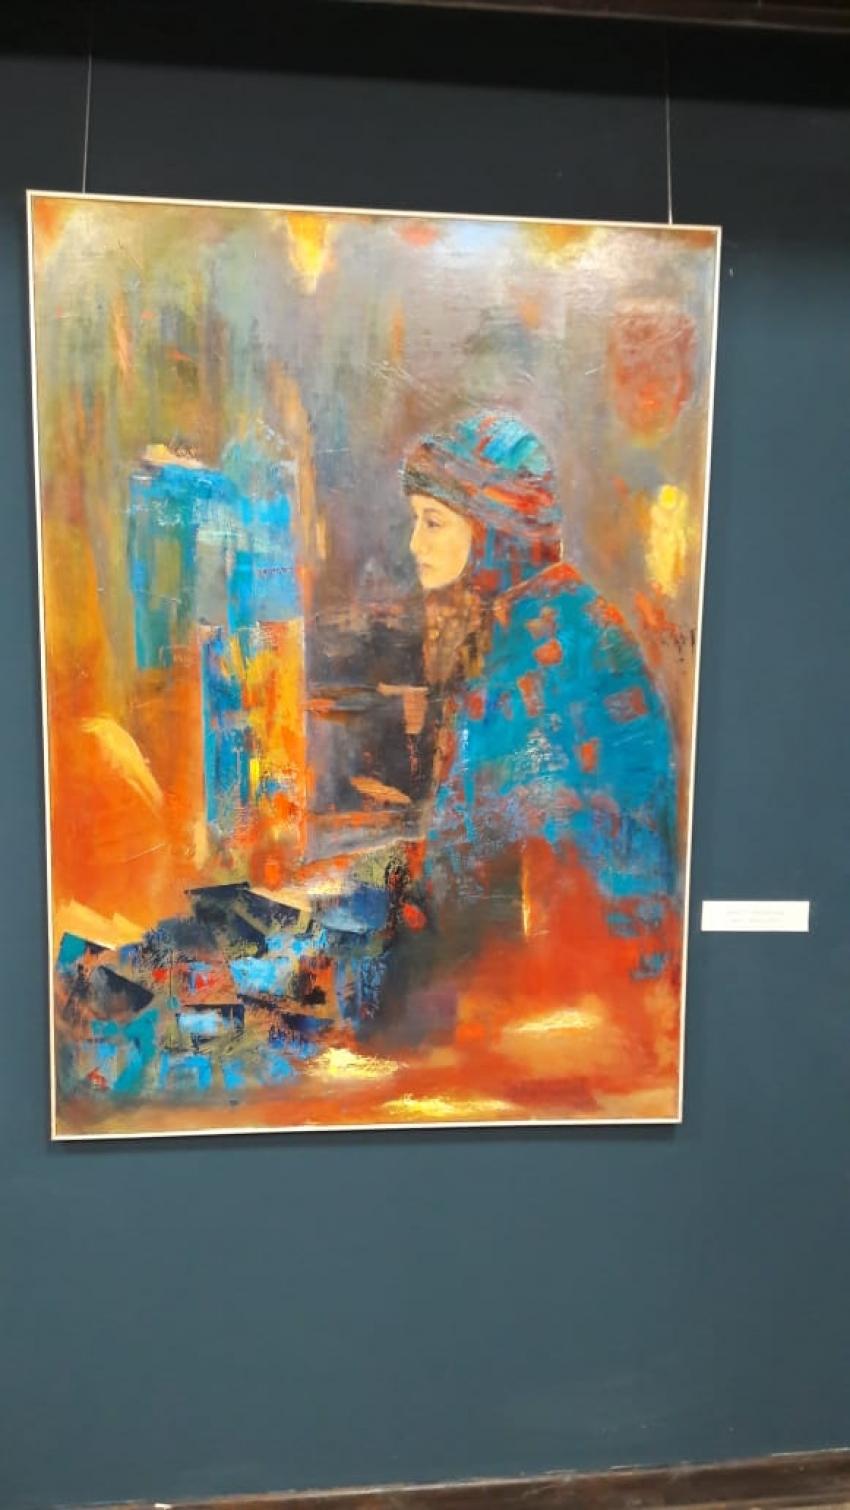 В Этноцентре Махачкалы прошло открытие выставки Шахнабат Алимагомедовой «Первая»